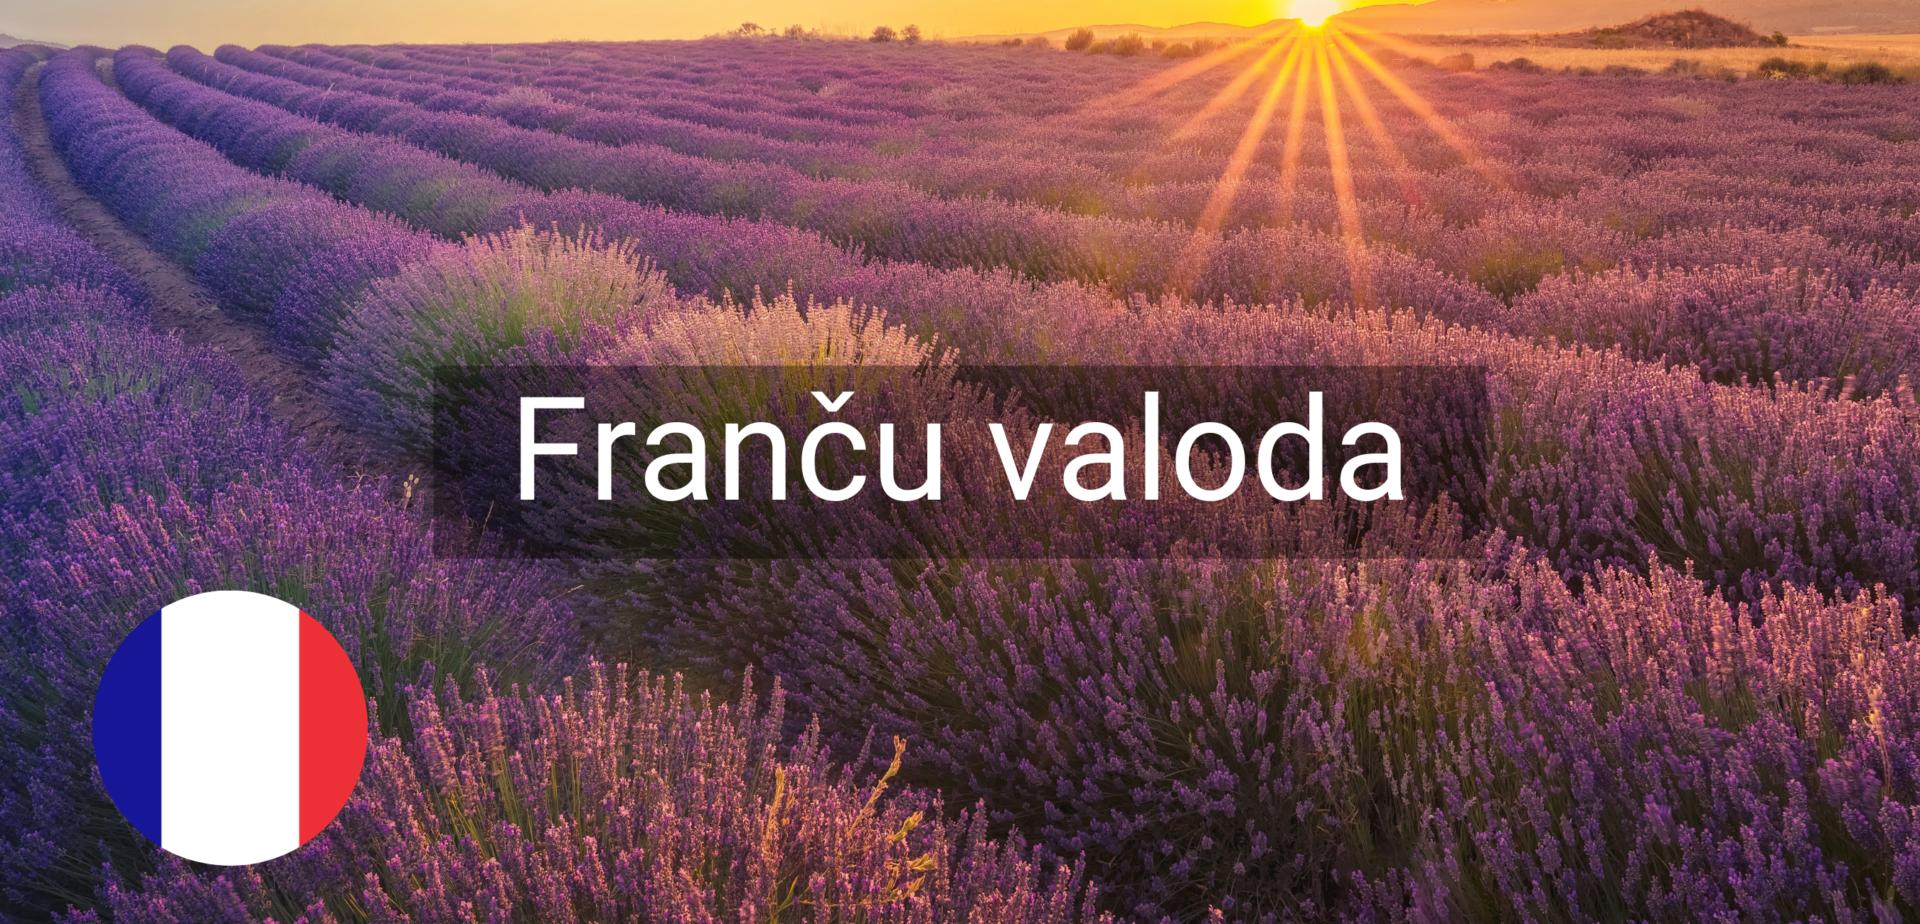 Francu valodas kursi valmiera vidzeme